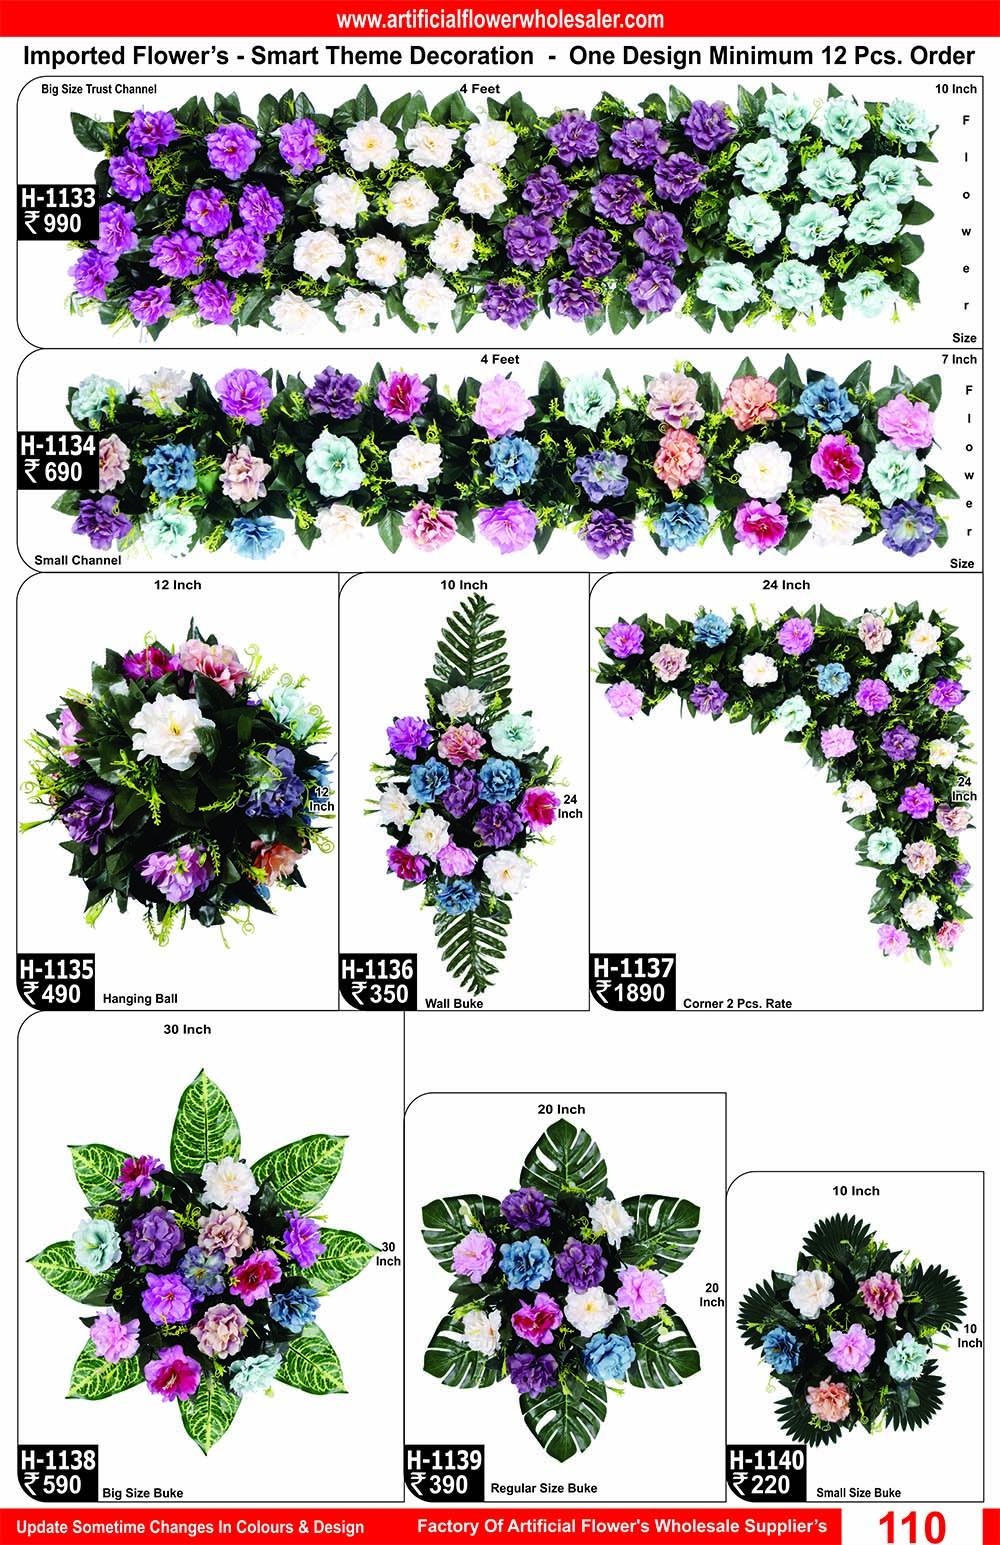 110-artificial-flower-wholesaler